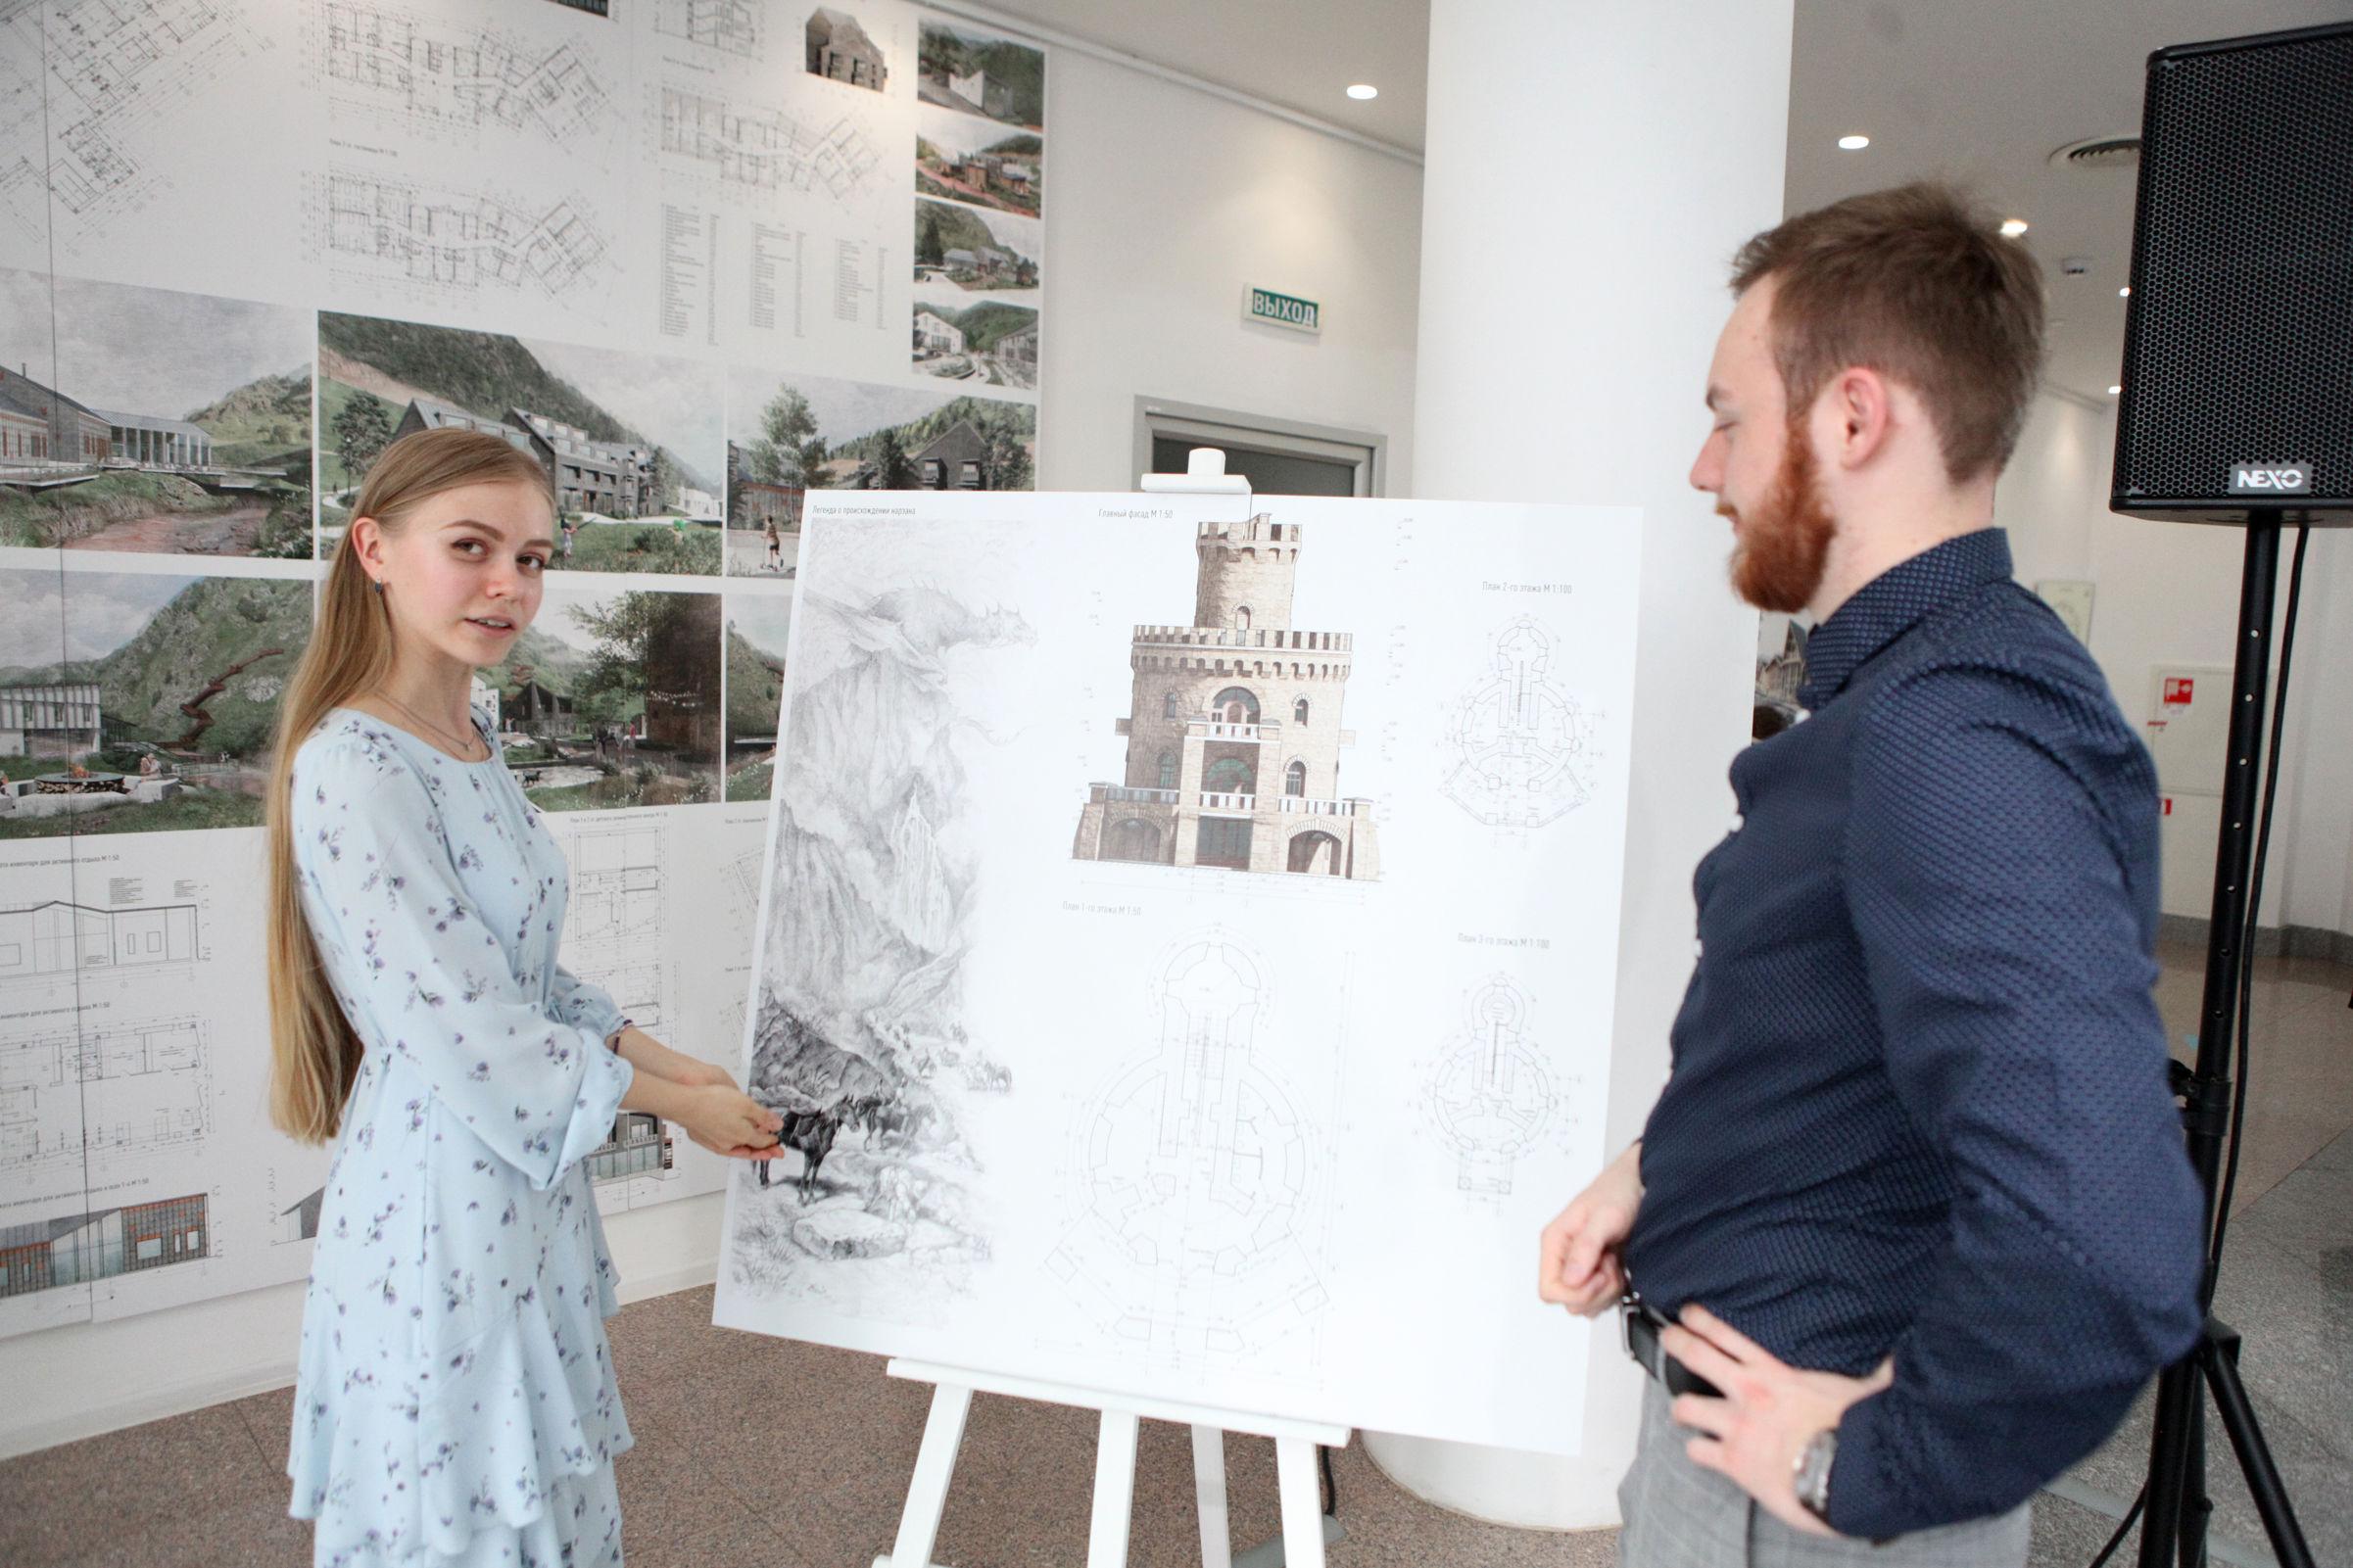 Здание бывшей электростанции в Ярославле предлагают превратить в музей или молодежное пространство